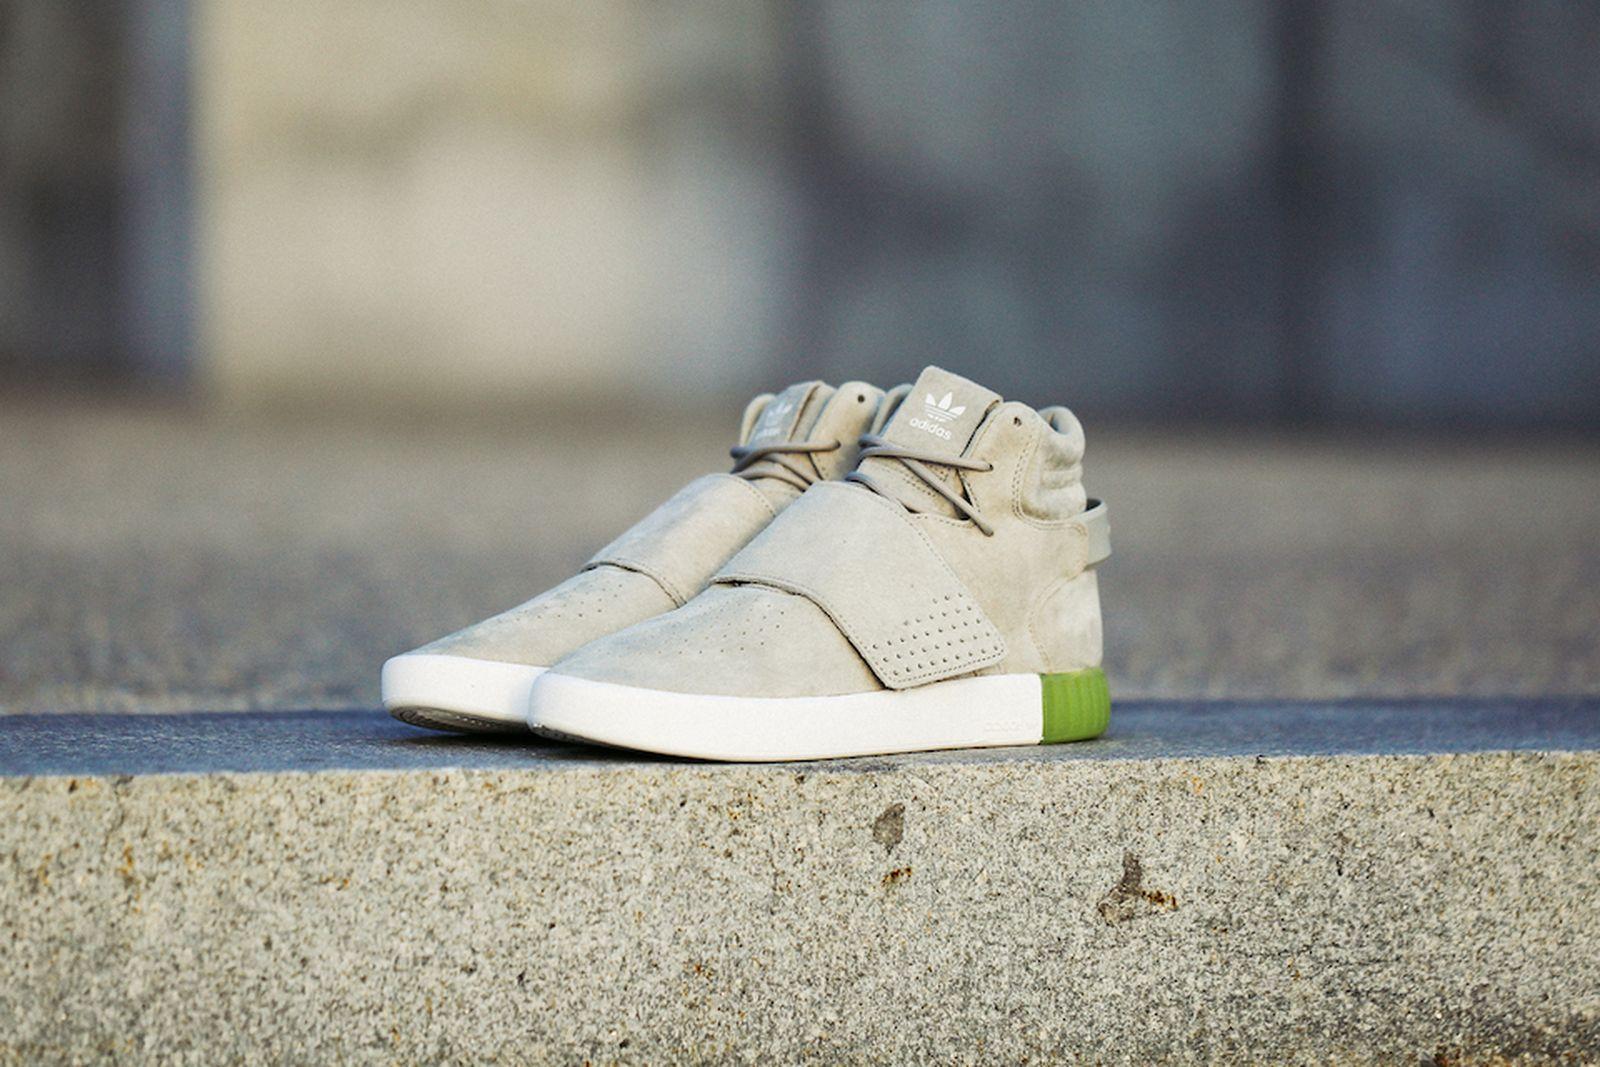 adidas-Finishline-Highsnobiety-1